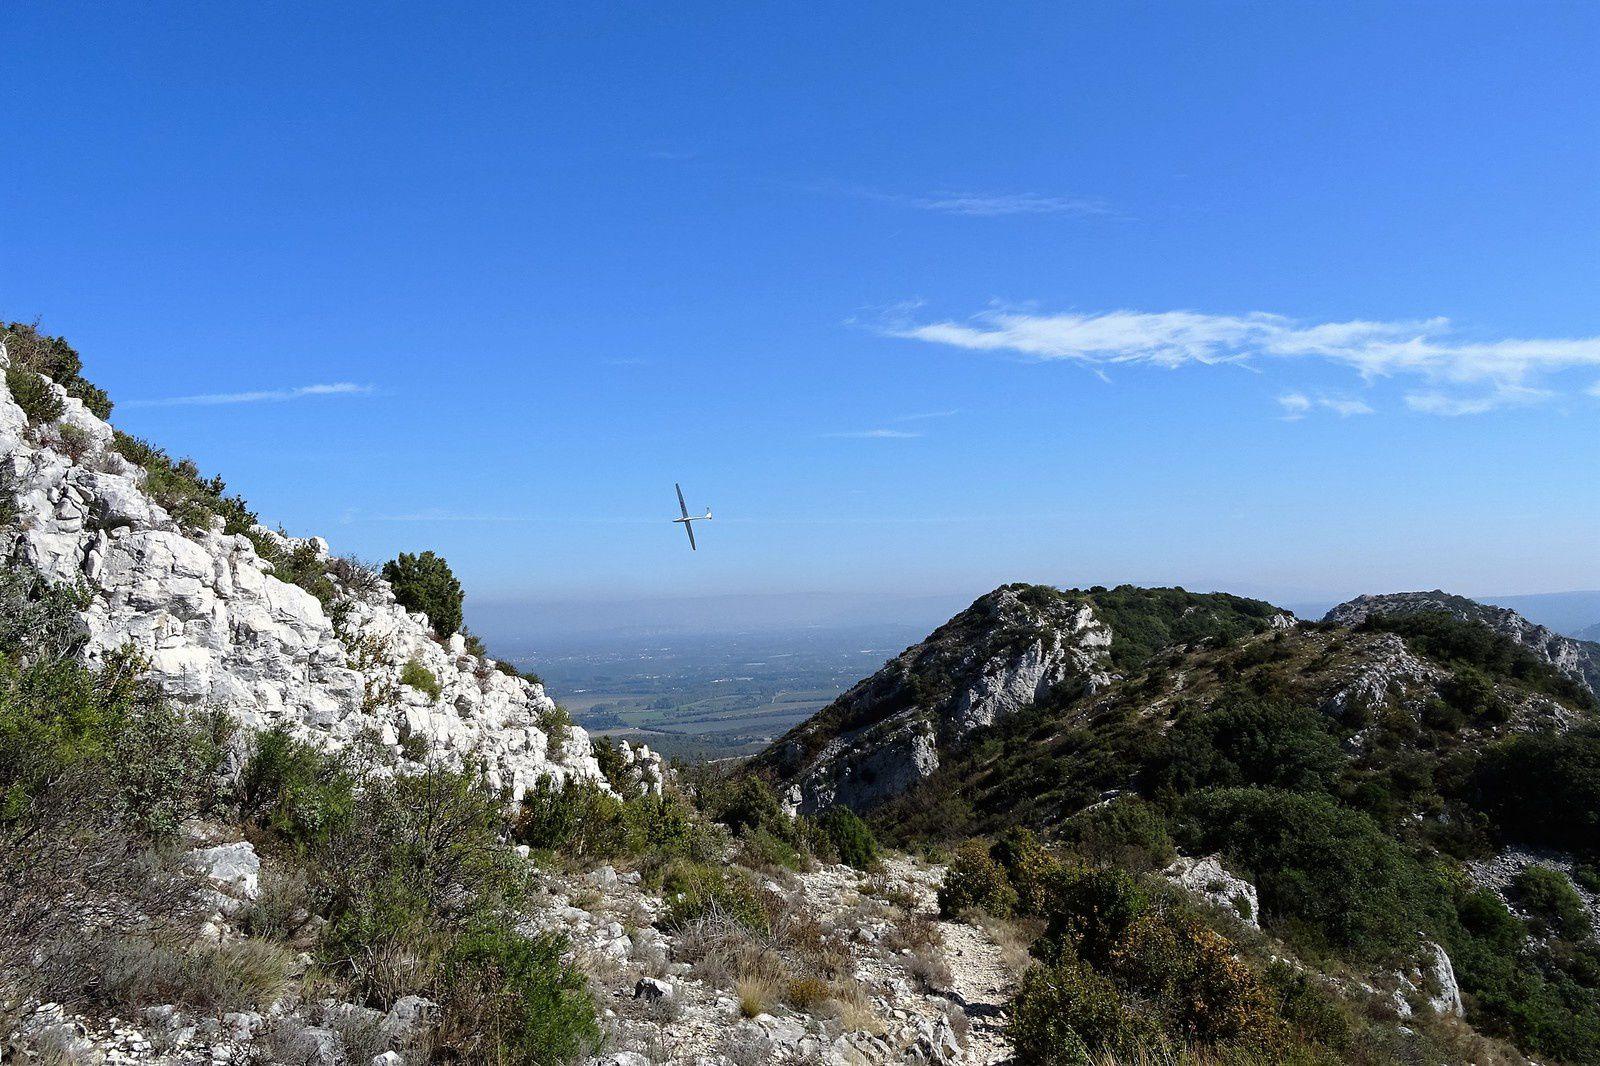 Un planeur passe et repasse au dessus de nos têtes, sans doute le pilote se demande t-il ce que font ces énergumènes à jouer à saute-moutons avec leur VTT au milieu des rochers perdus dans la montagne.